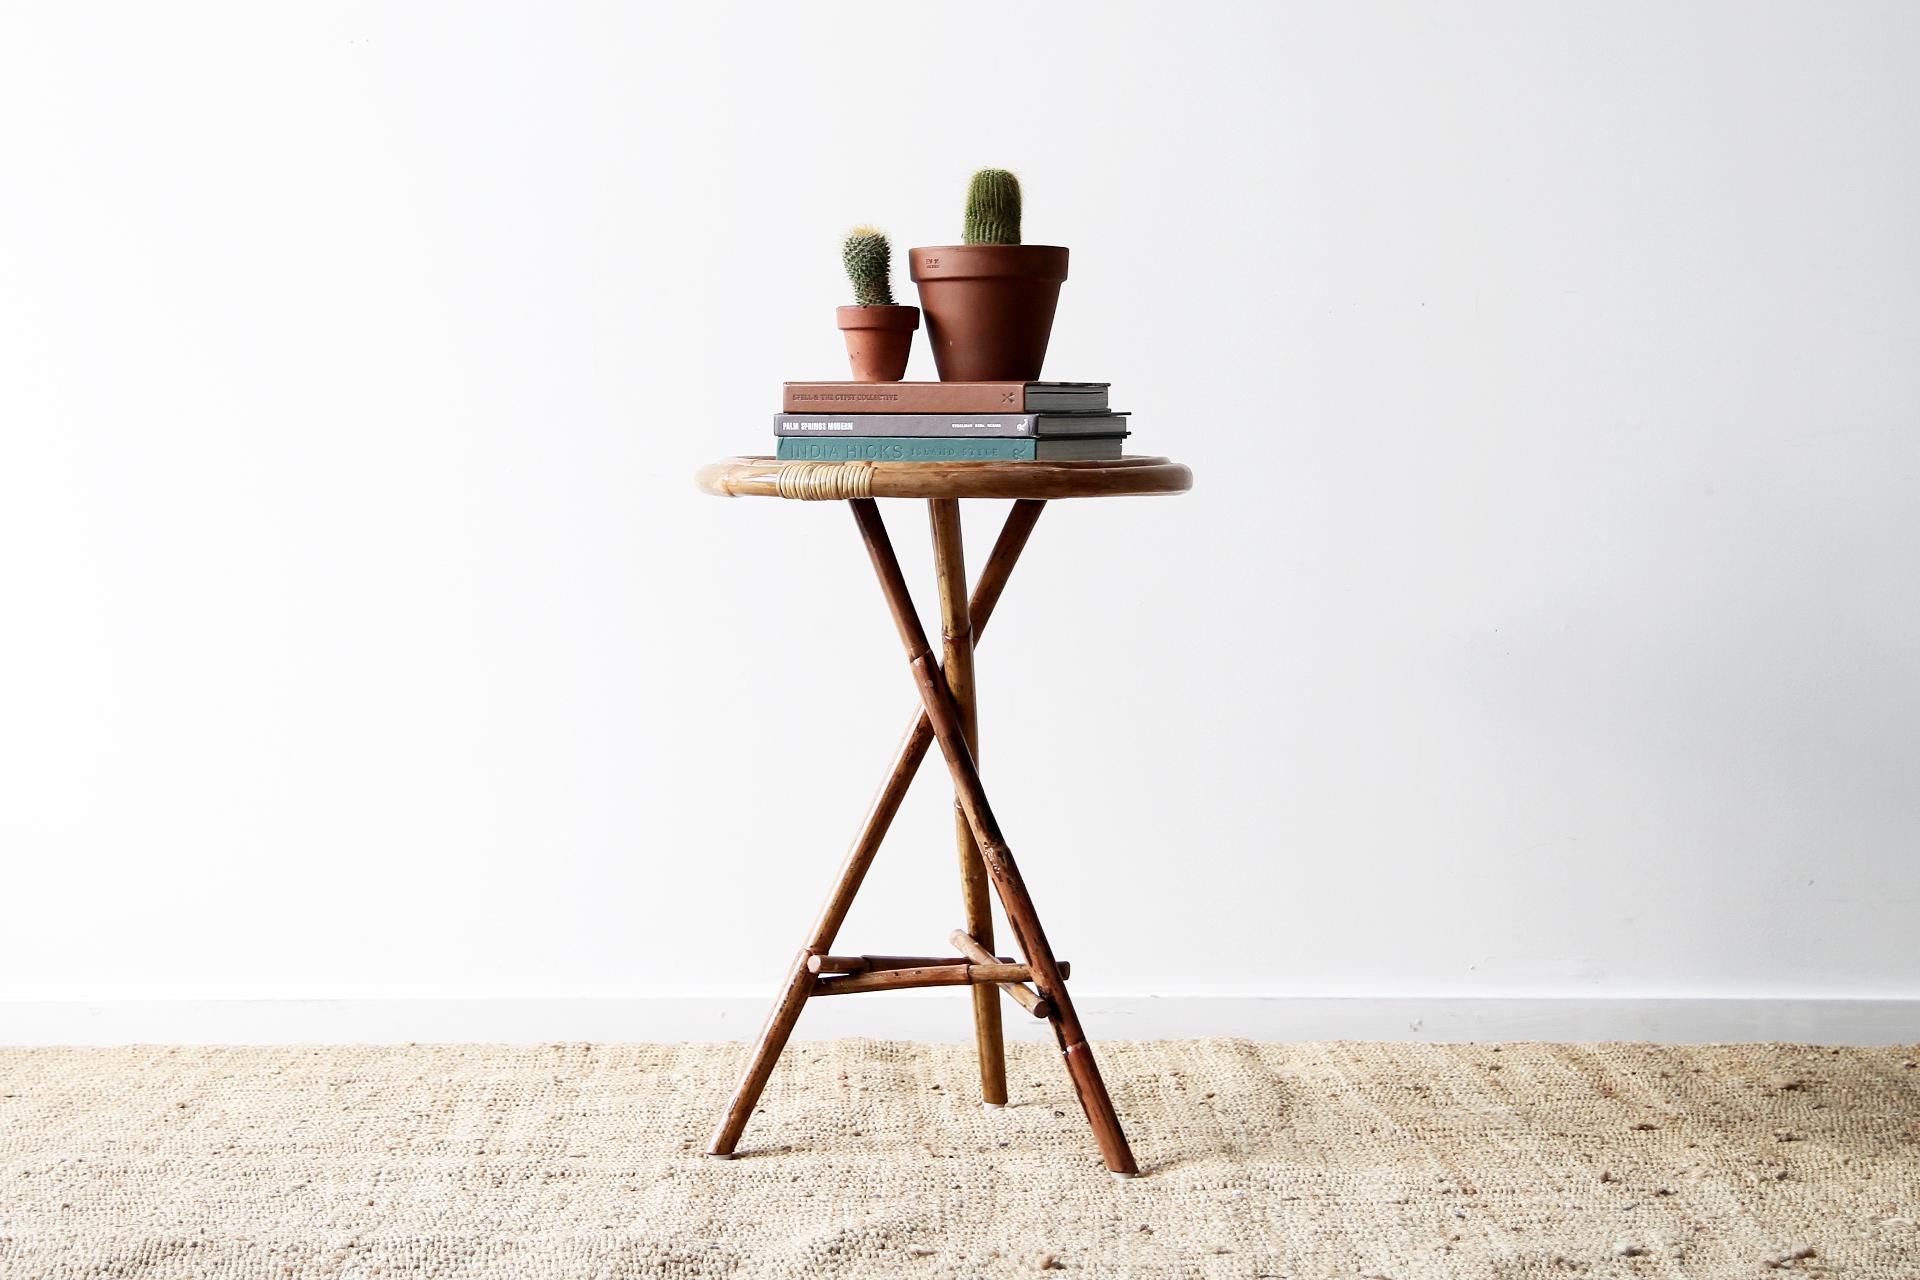 Gypsy side table